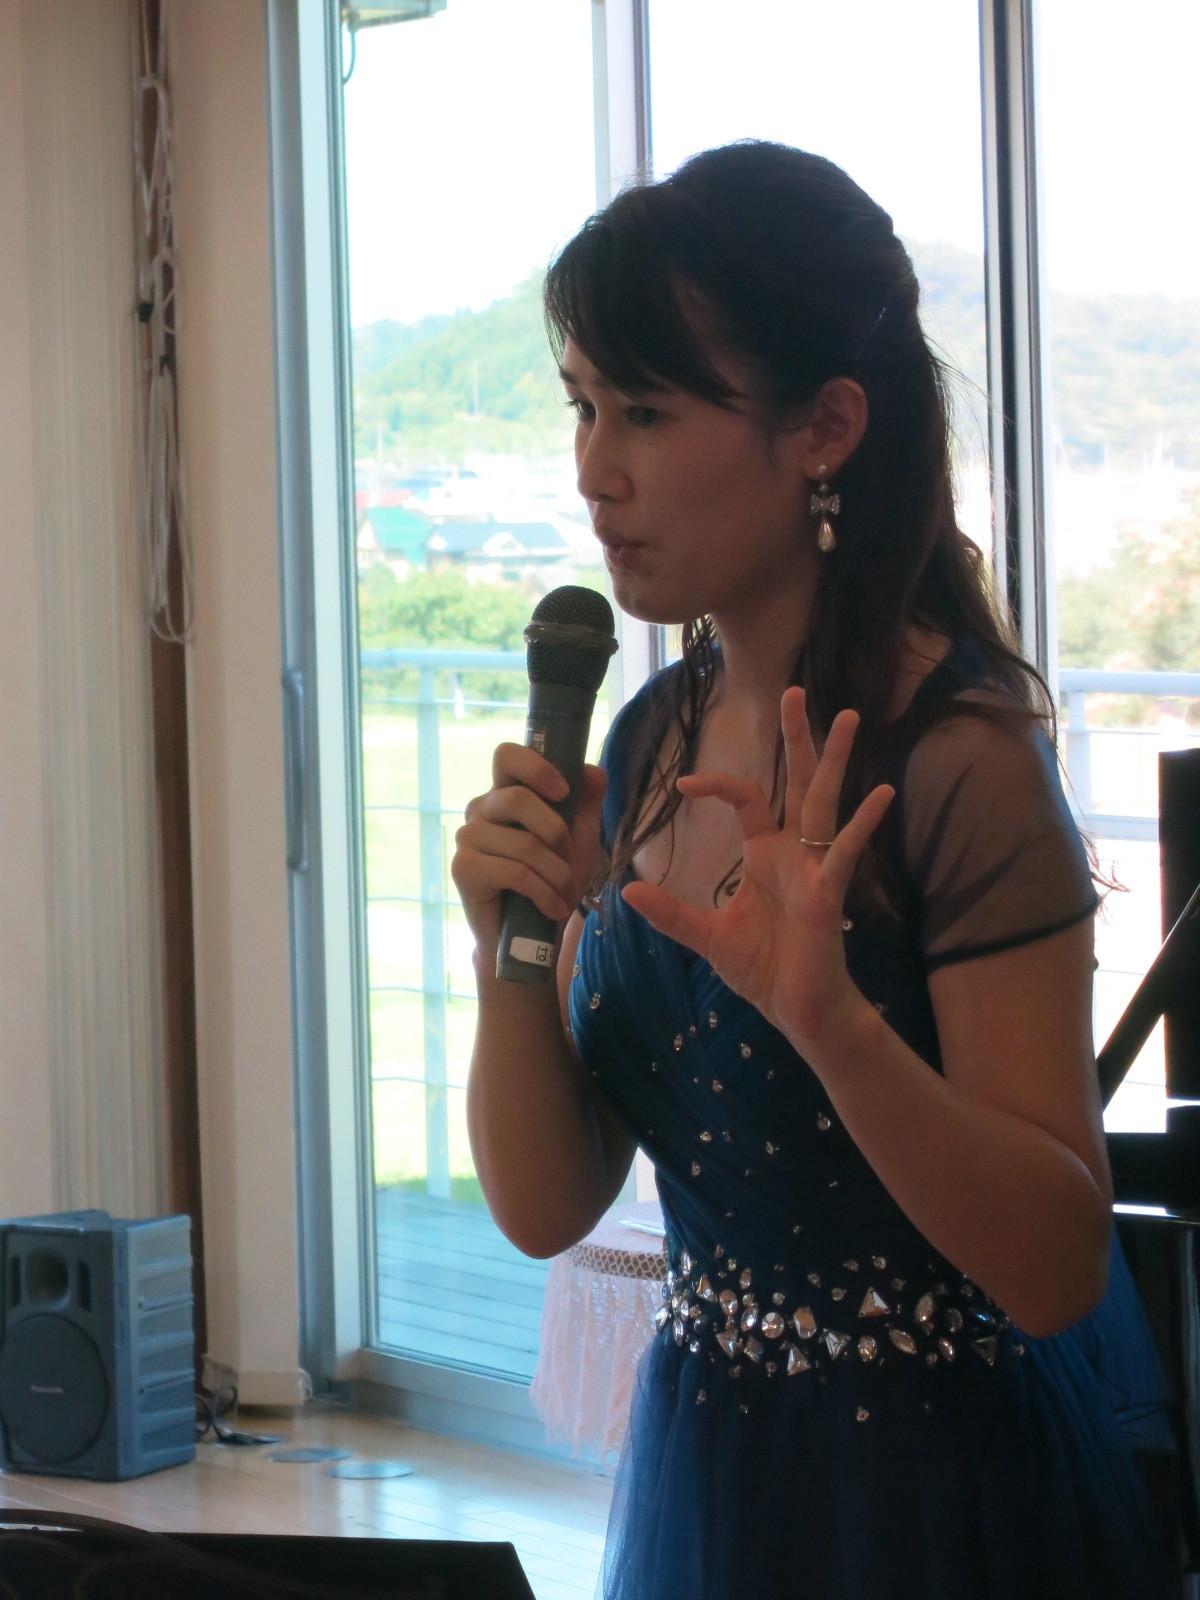 9月8日(日)にみはらしの丘のはらっぱ館にて、「ワンコイン・コンサート」を開きました_d0159273_09464642.jpg